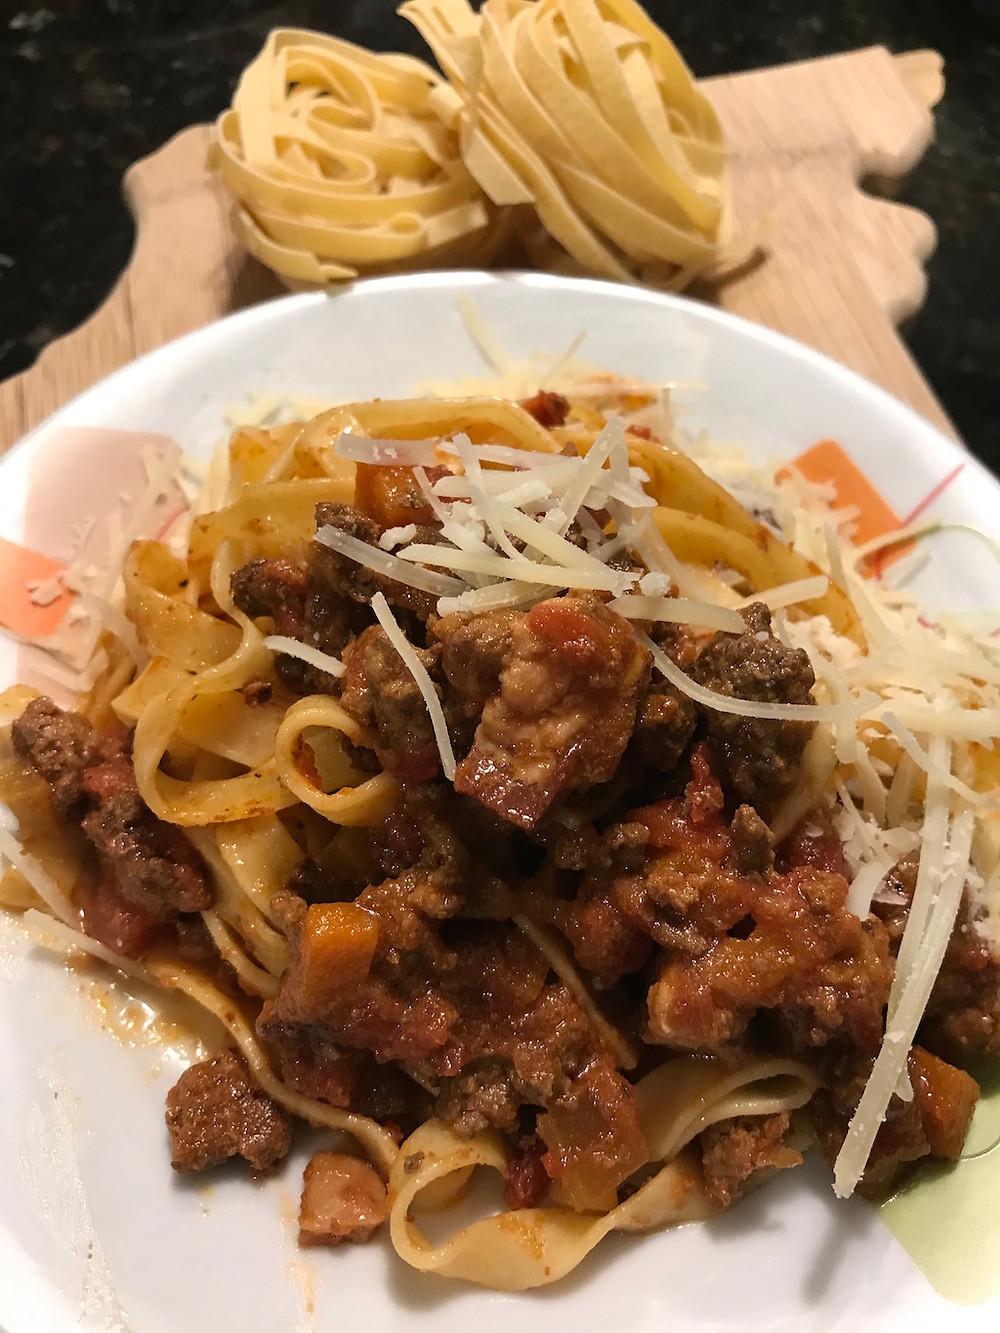 Bolognese sauce over tagliatelle pasta